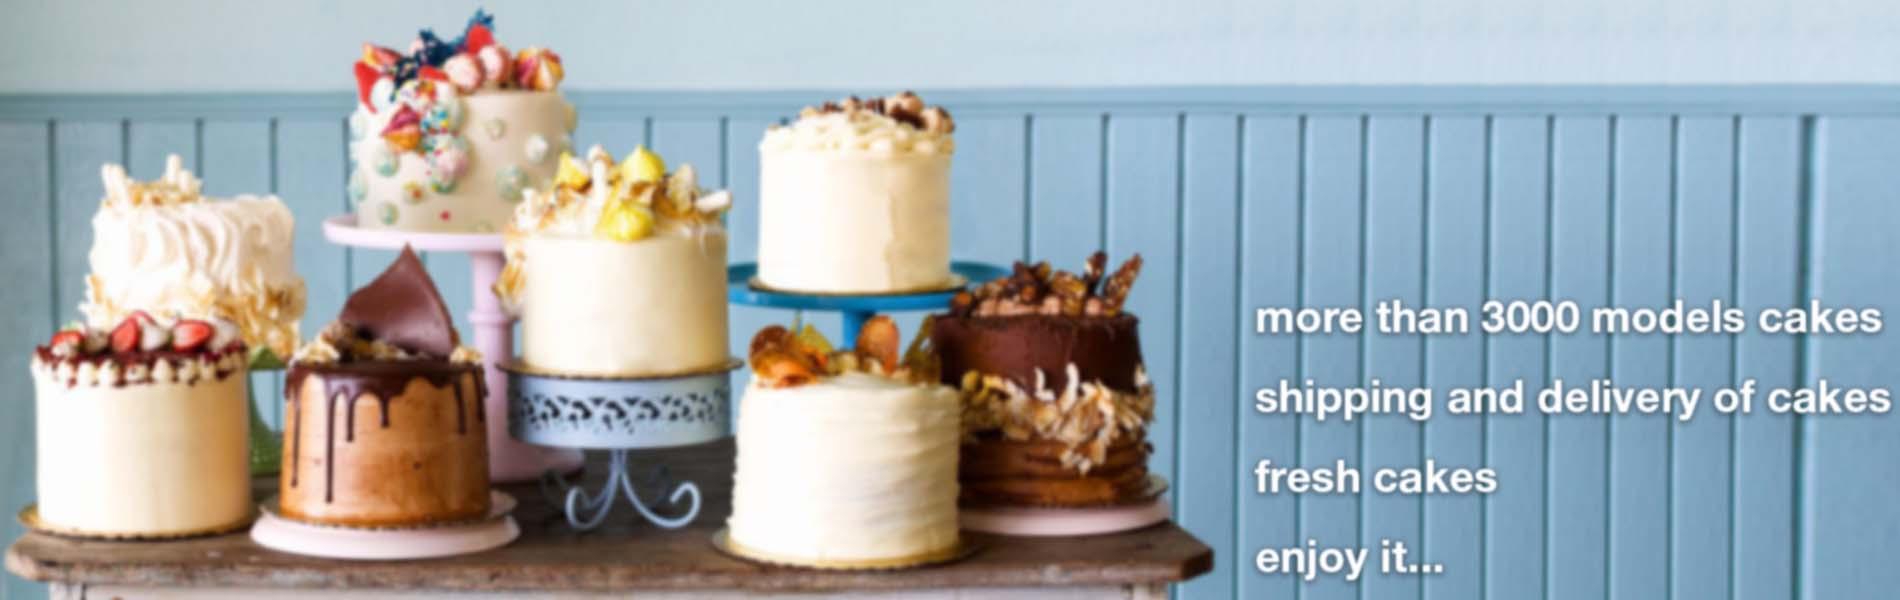 خرید اینترنتی انواع کیک از کیک آُف